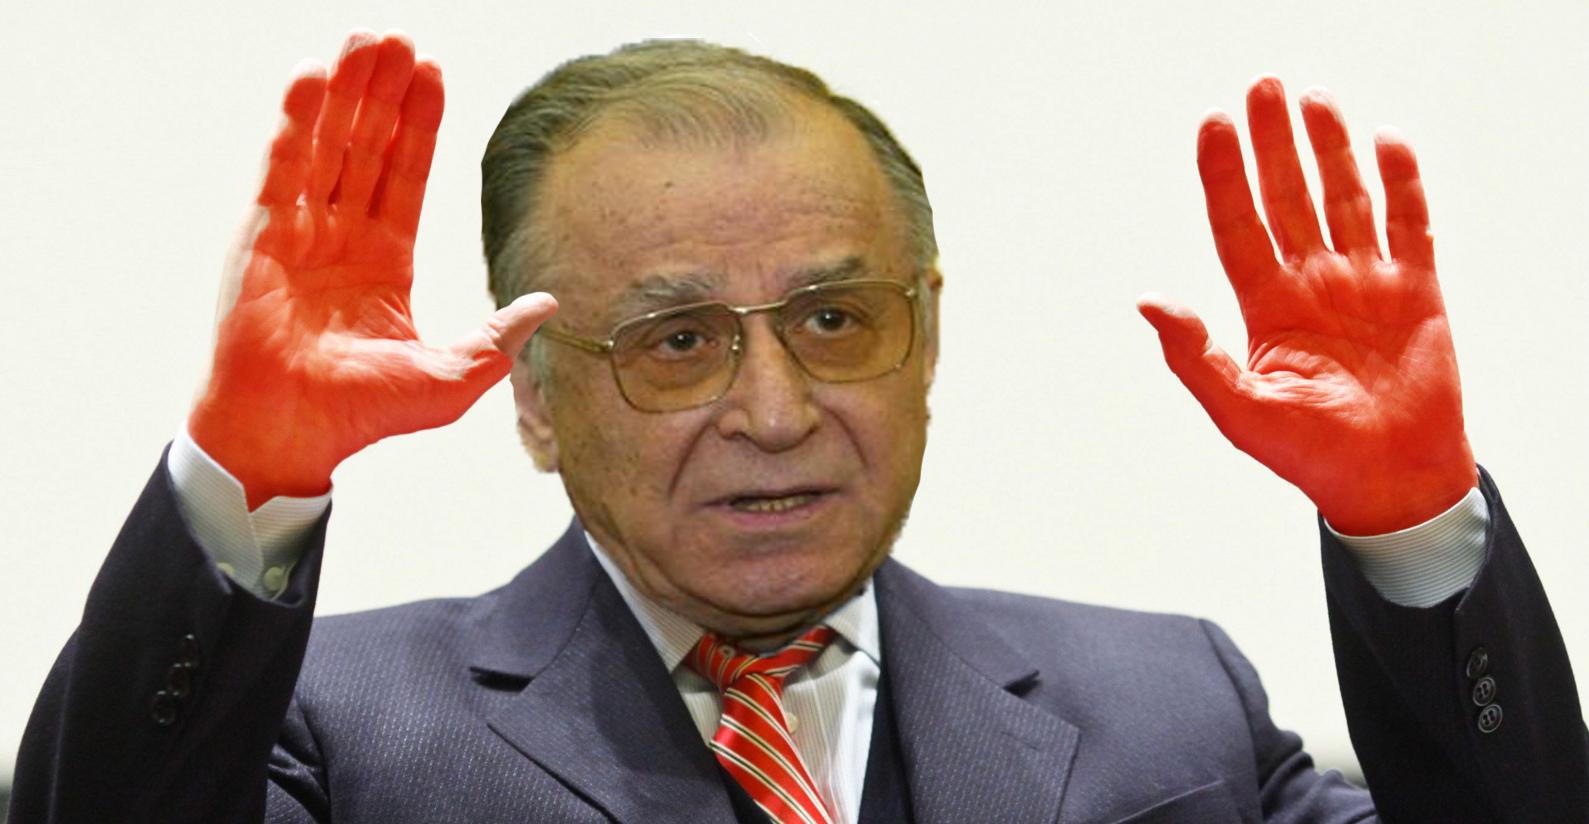 Iliescu a ajuns din nou la spital! De fiecare dată când se apropie 21-22 decembrie, îi apar niște chestii roșii pe mâini!